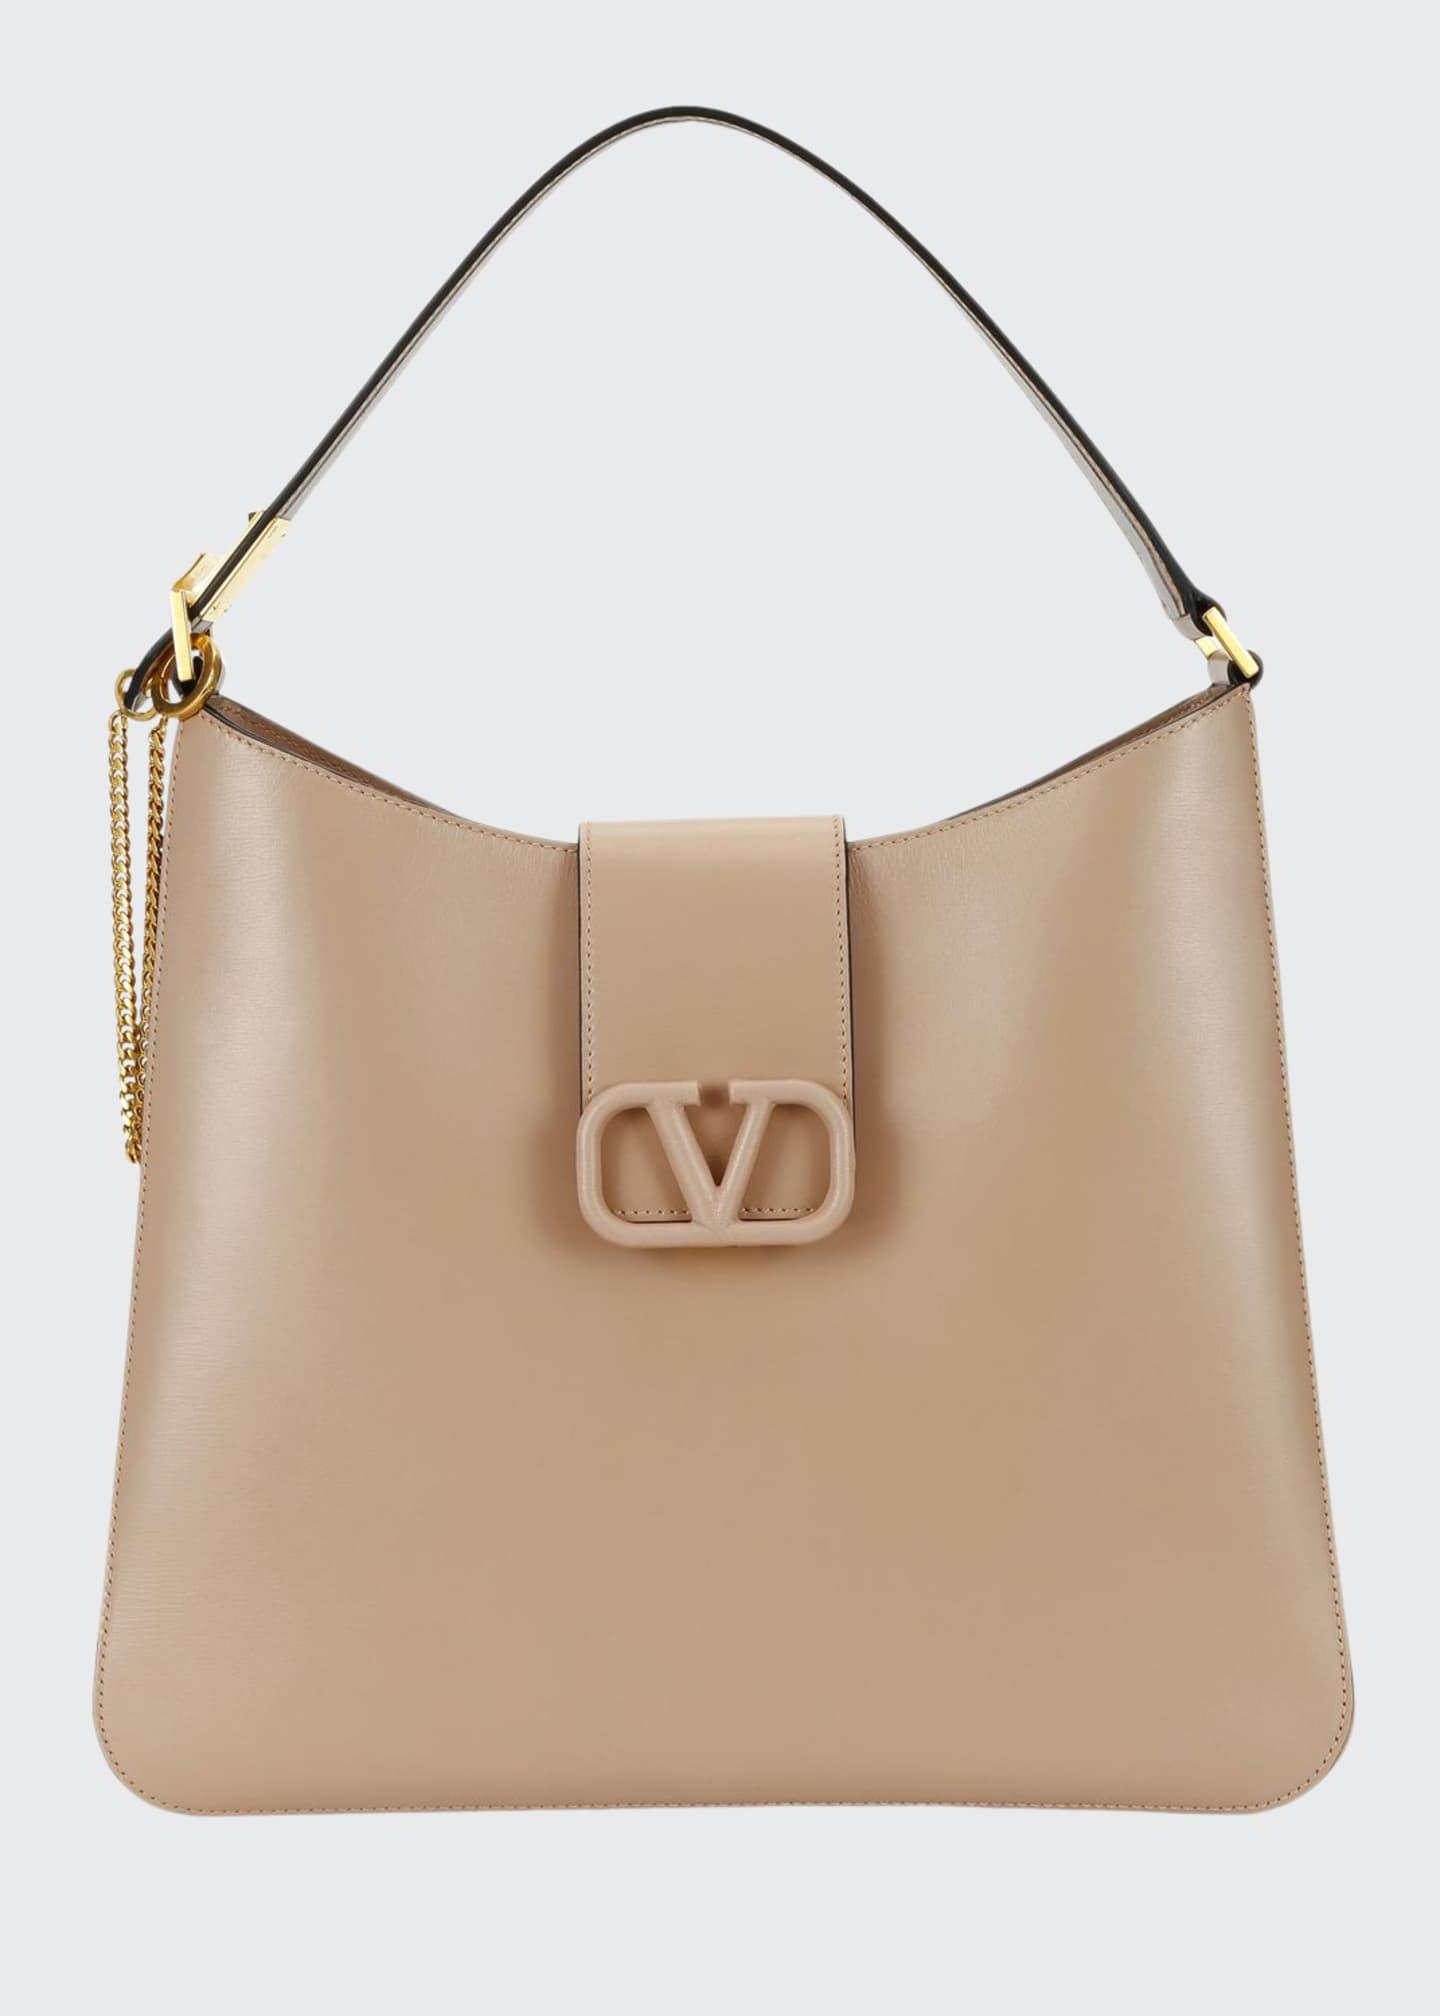 Valentino Garavani VSling Box Calf Hobo Bag